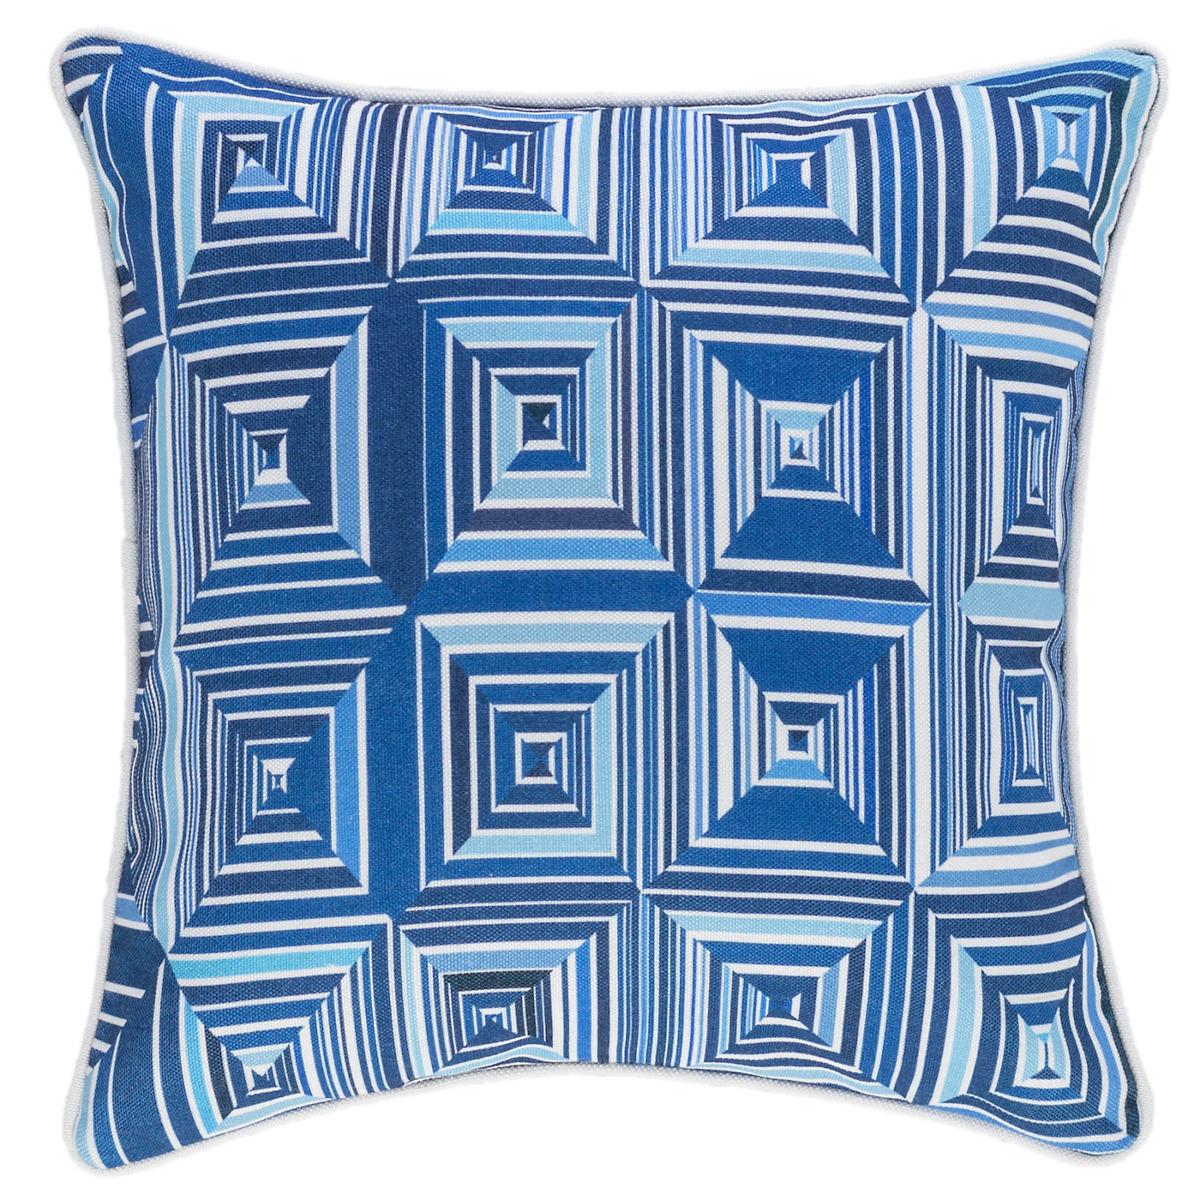 Geo Blue Indoor/Outdoor Decorative Pillow